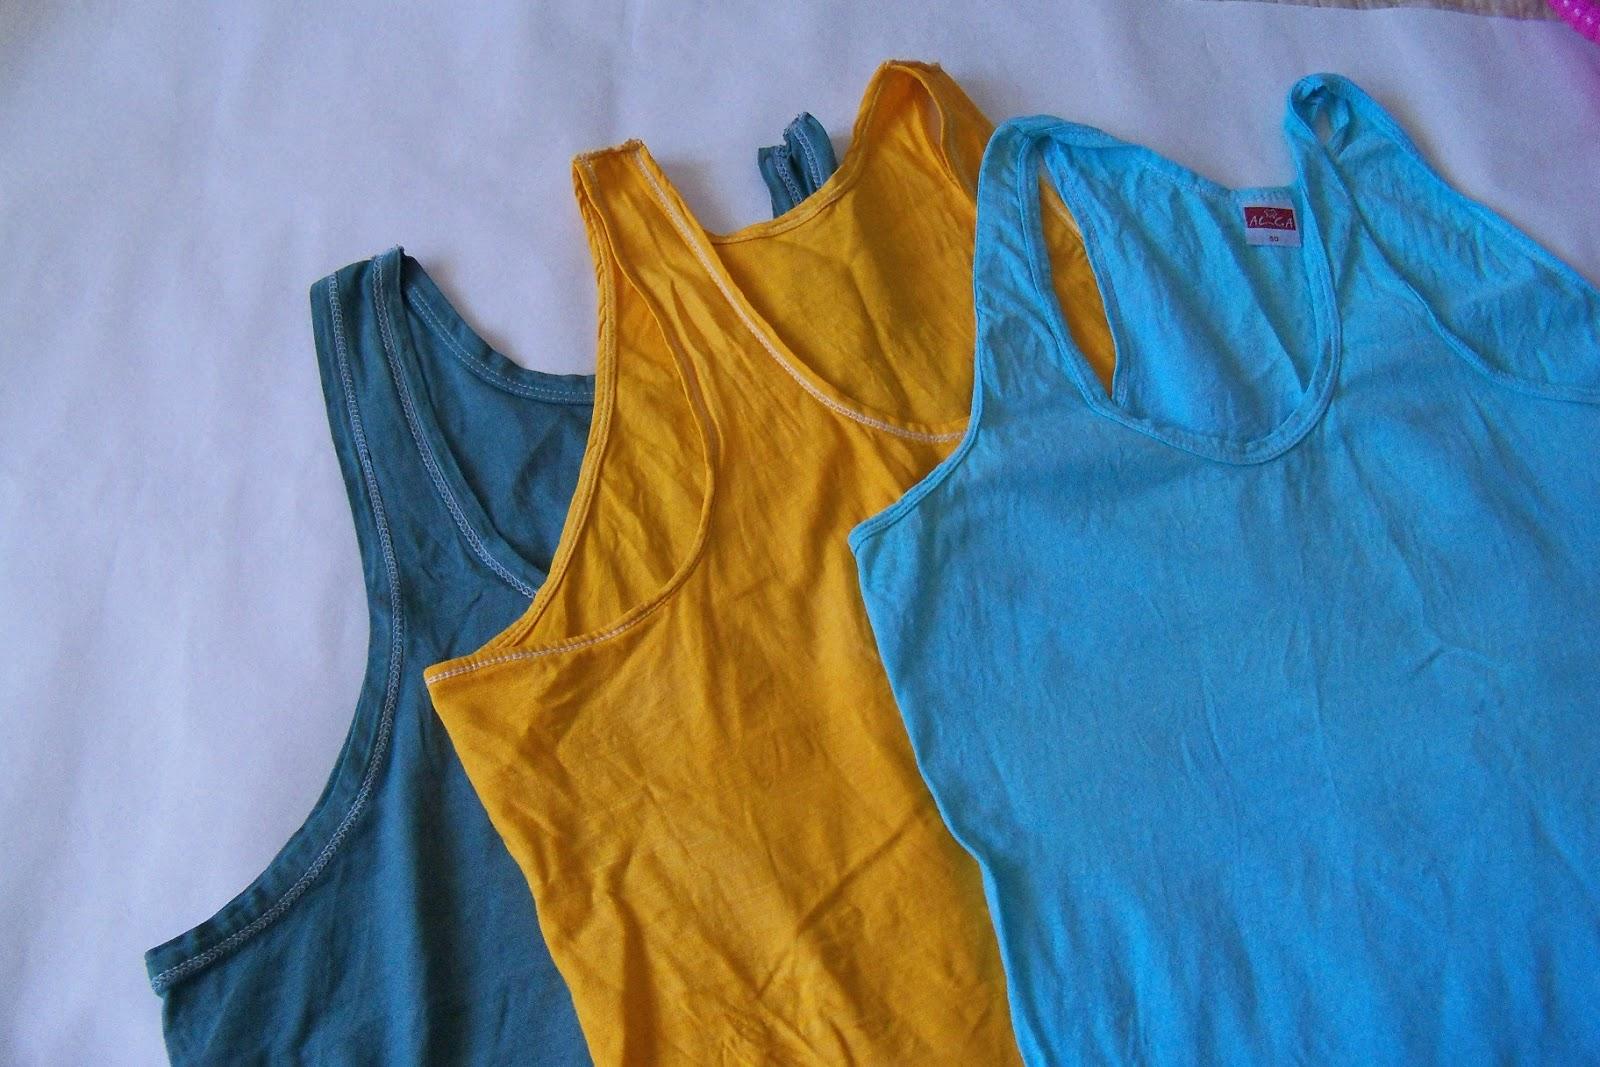 где можно покрасить одежду в москве Смешарики, скачать распечатать